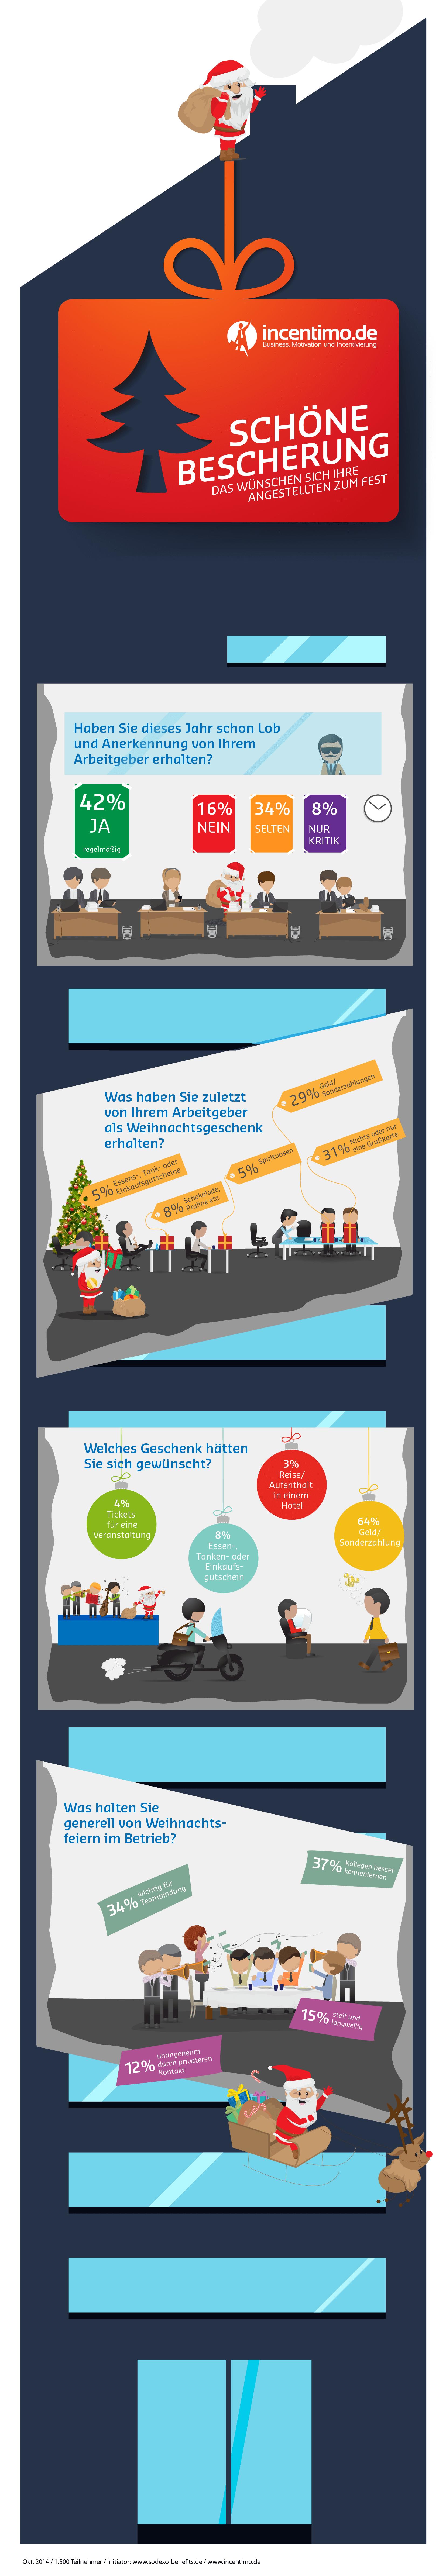 Weihnachten: So beschenkst du deine Mitarbeiter richtig!